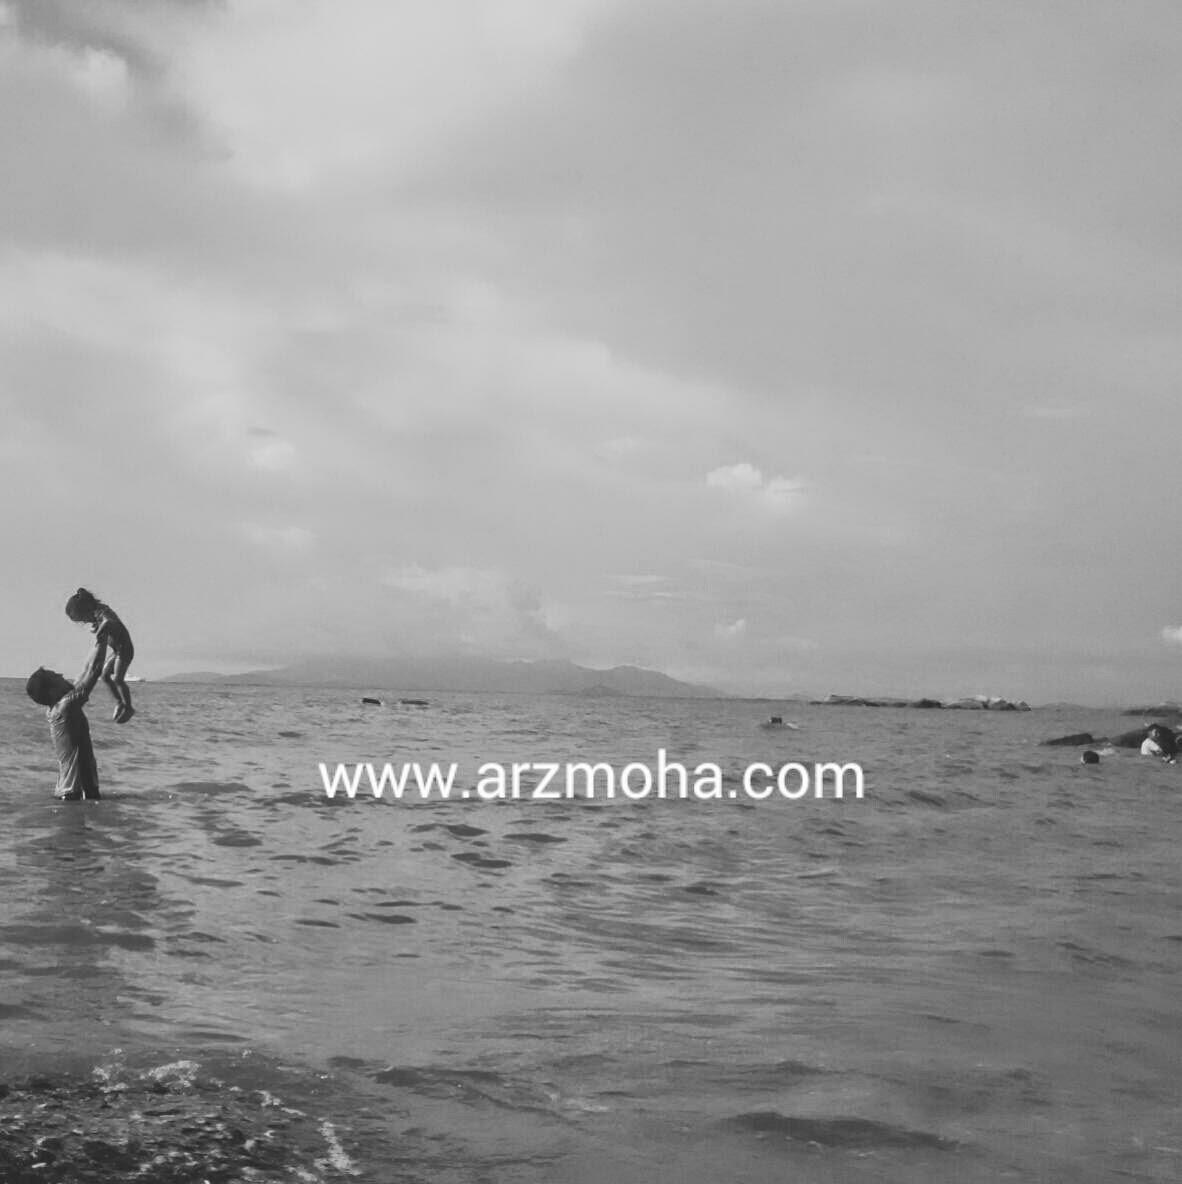 cik puteri, kids, my daughter, girl, father, abah, my lifestyle, beach, lautan, arzmoha, gambar cantik, pantai miami pulau pinang.